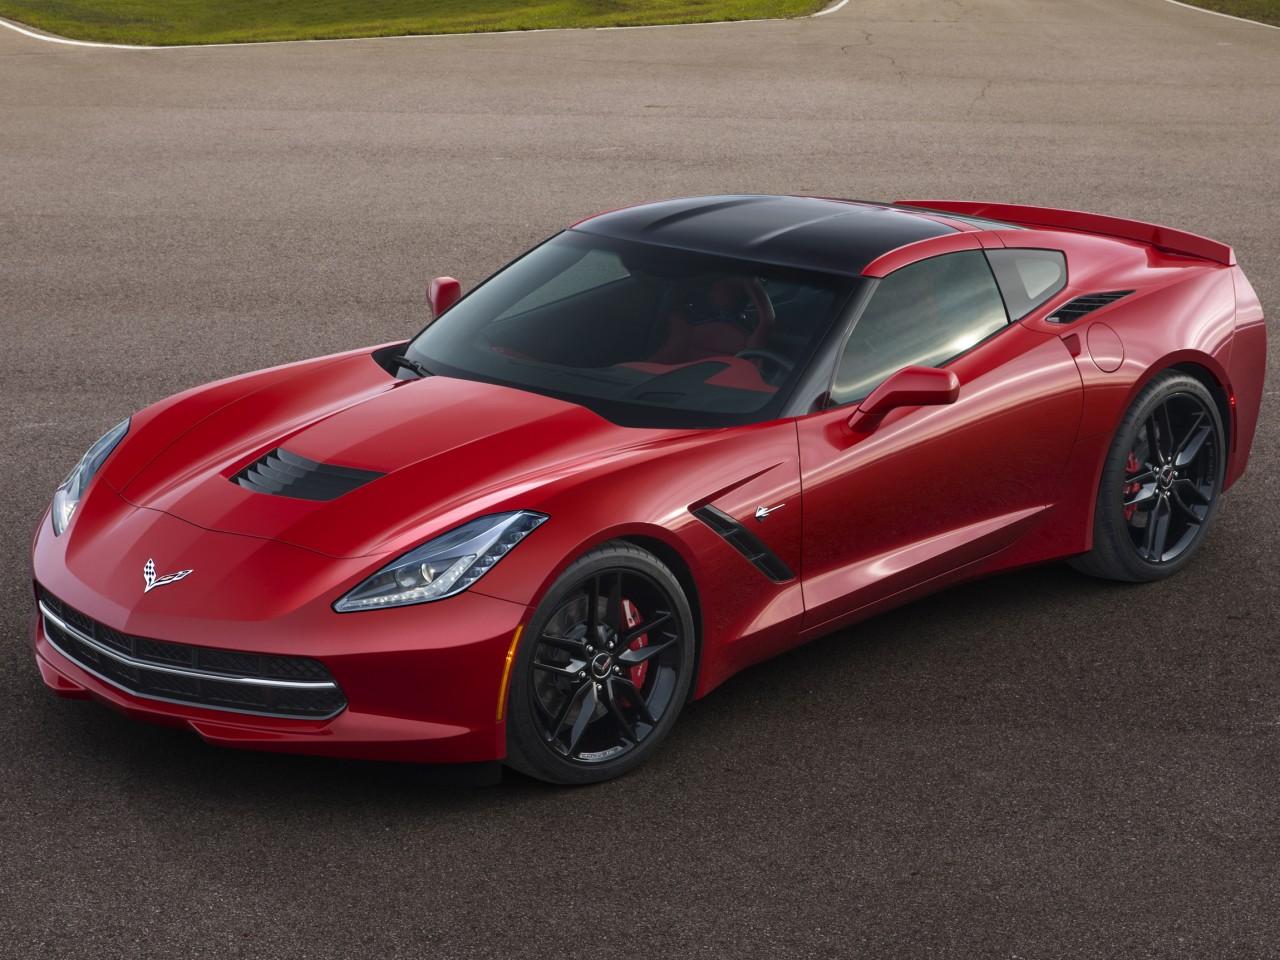 シボレー コルベット 2014年モデル 新車画像